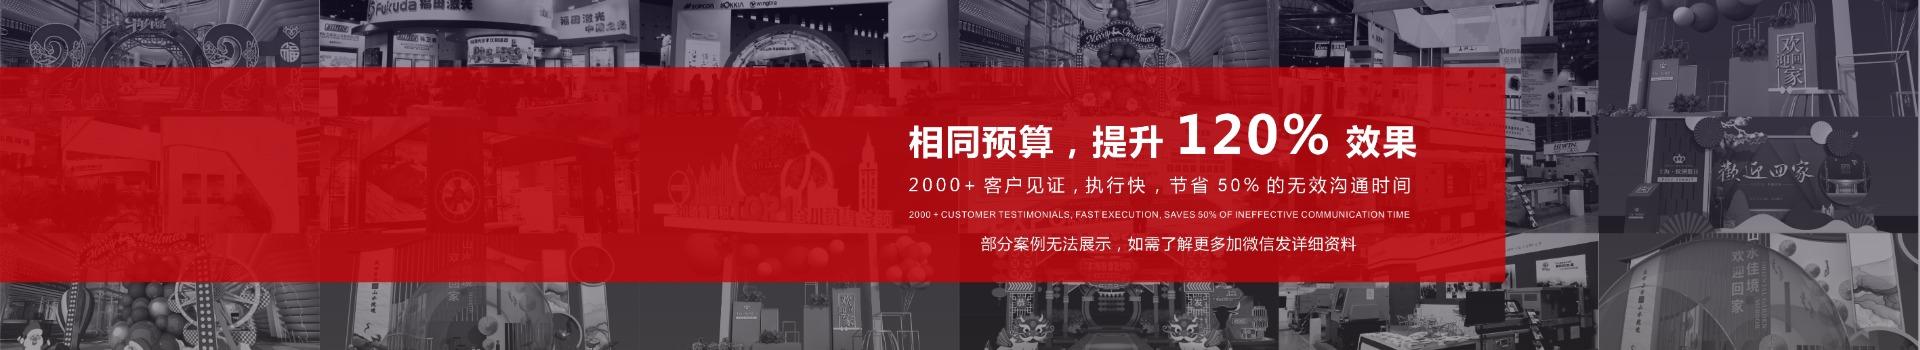 首信首誉案例中心banner图,成都首信首誉广告有限公司案例中心banner图